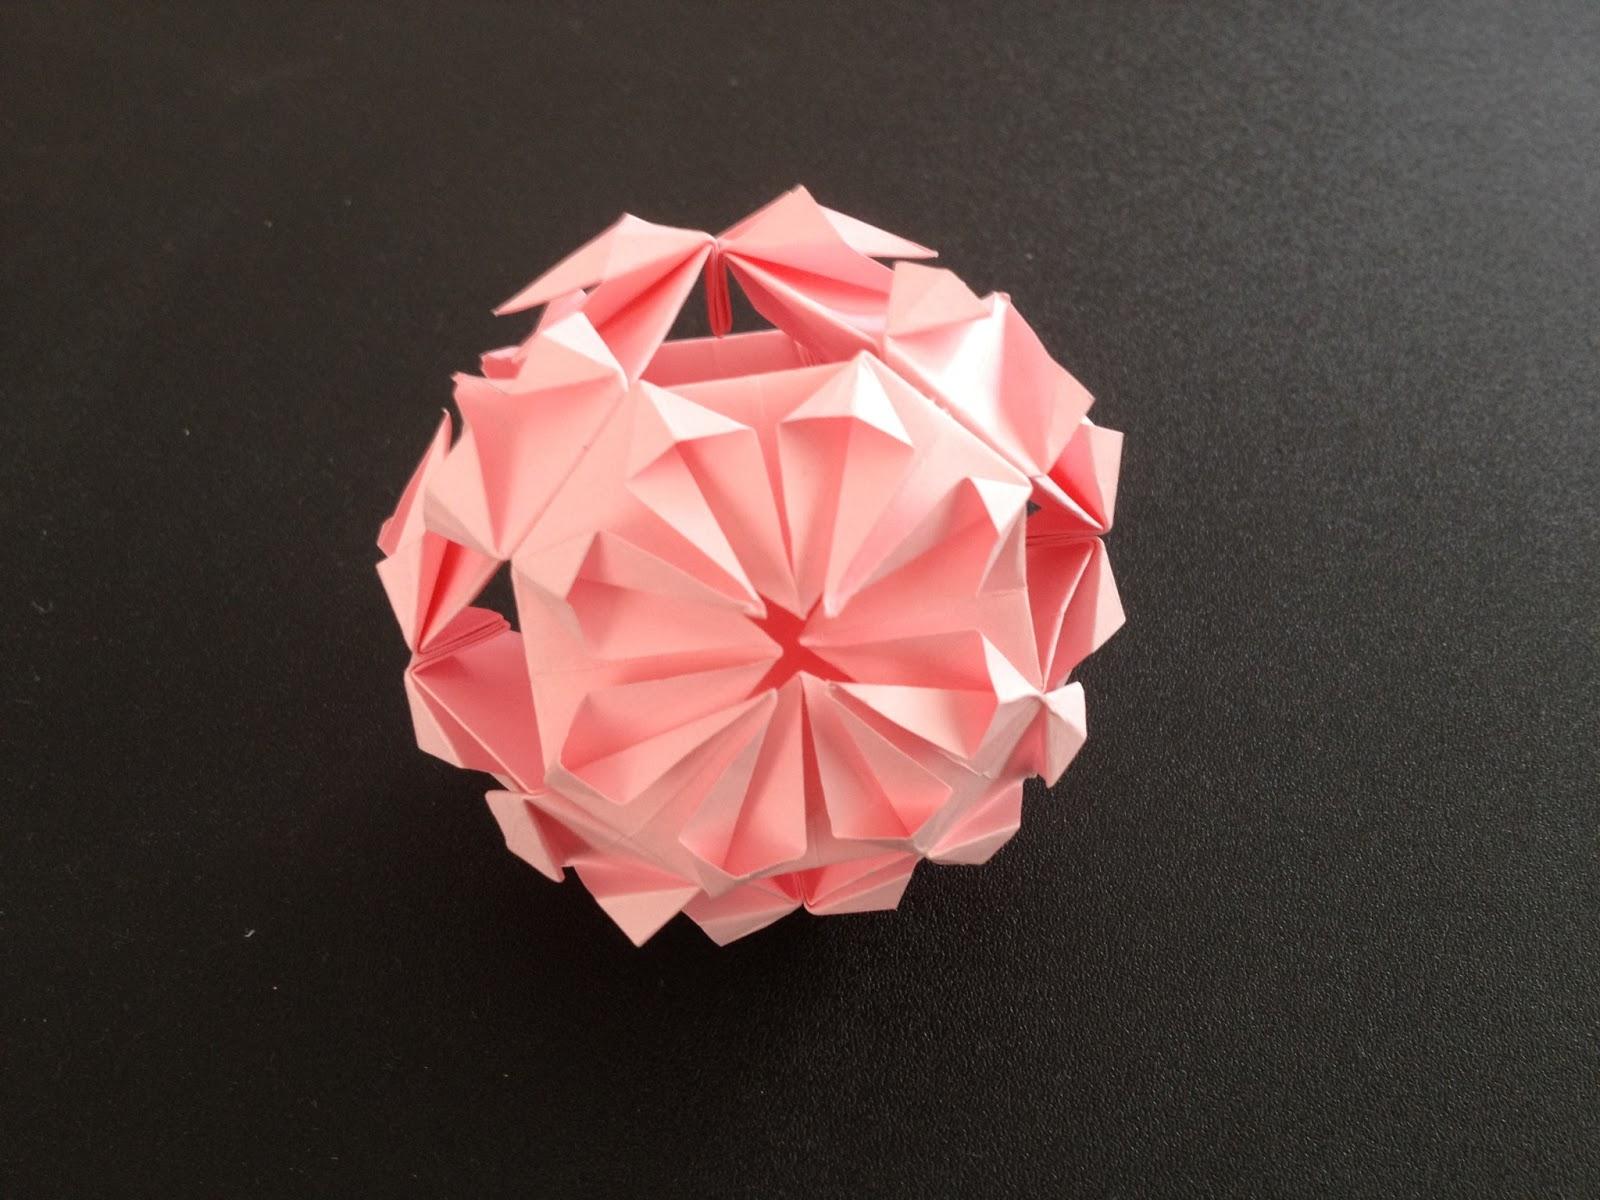 すべての折り紙 花 くす玉 折り紙 折り方 : nurbyz's origami world: ORIGAMI 折り紙